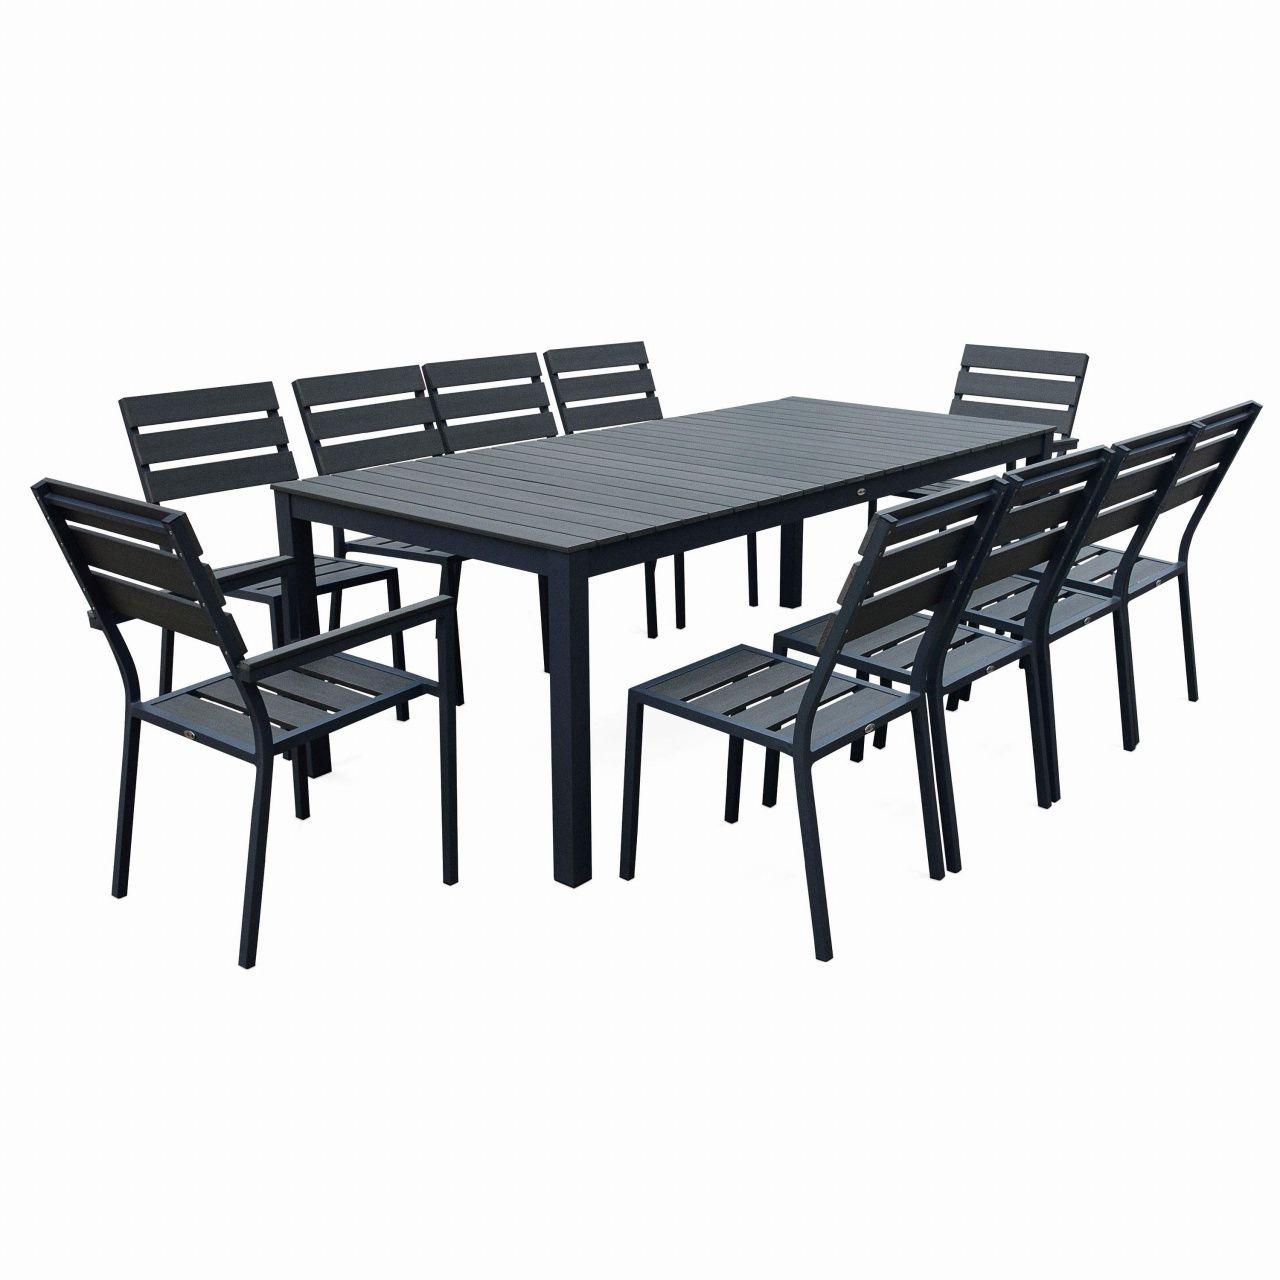 99 Fauteuil De Jardin Castorama | Outdoor Tables, Indoor Garden destiné Salon Jardin Aluminium Castorama